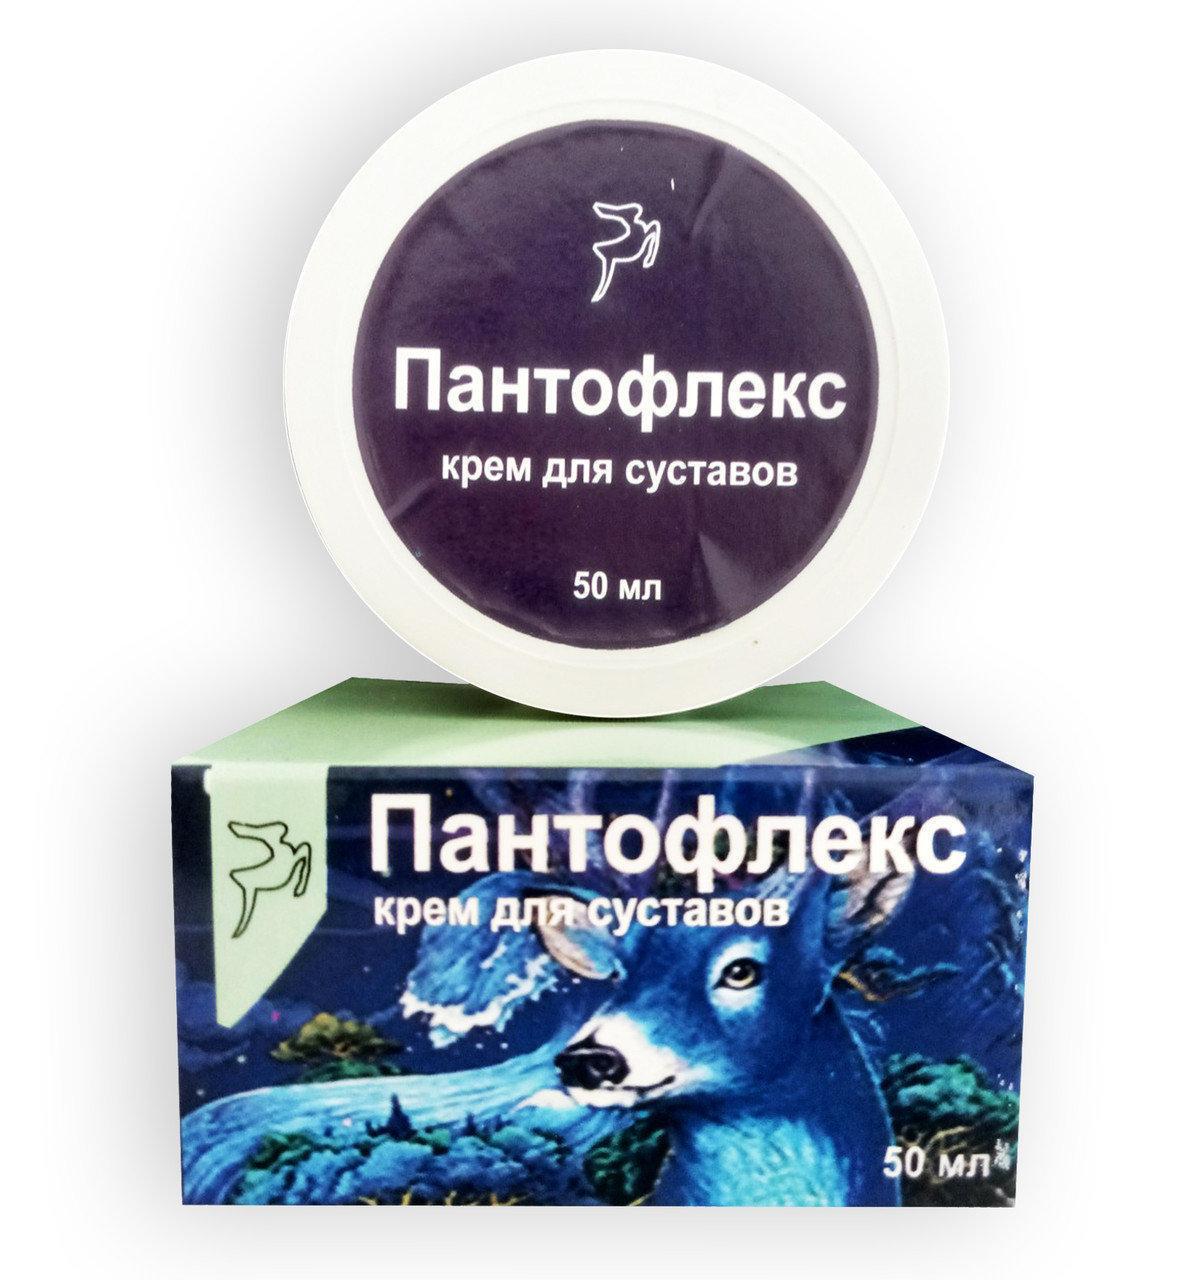 Пантофлекс - Крем для суглобів. ViPpils